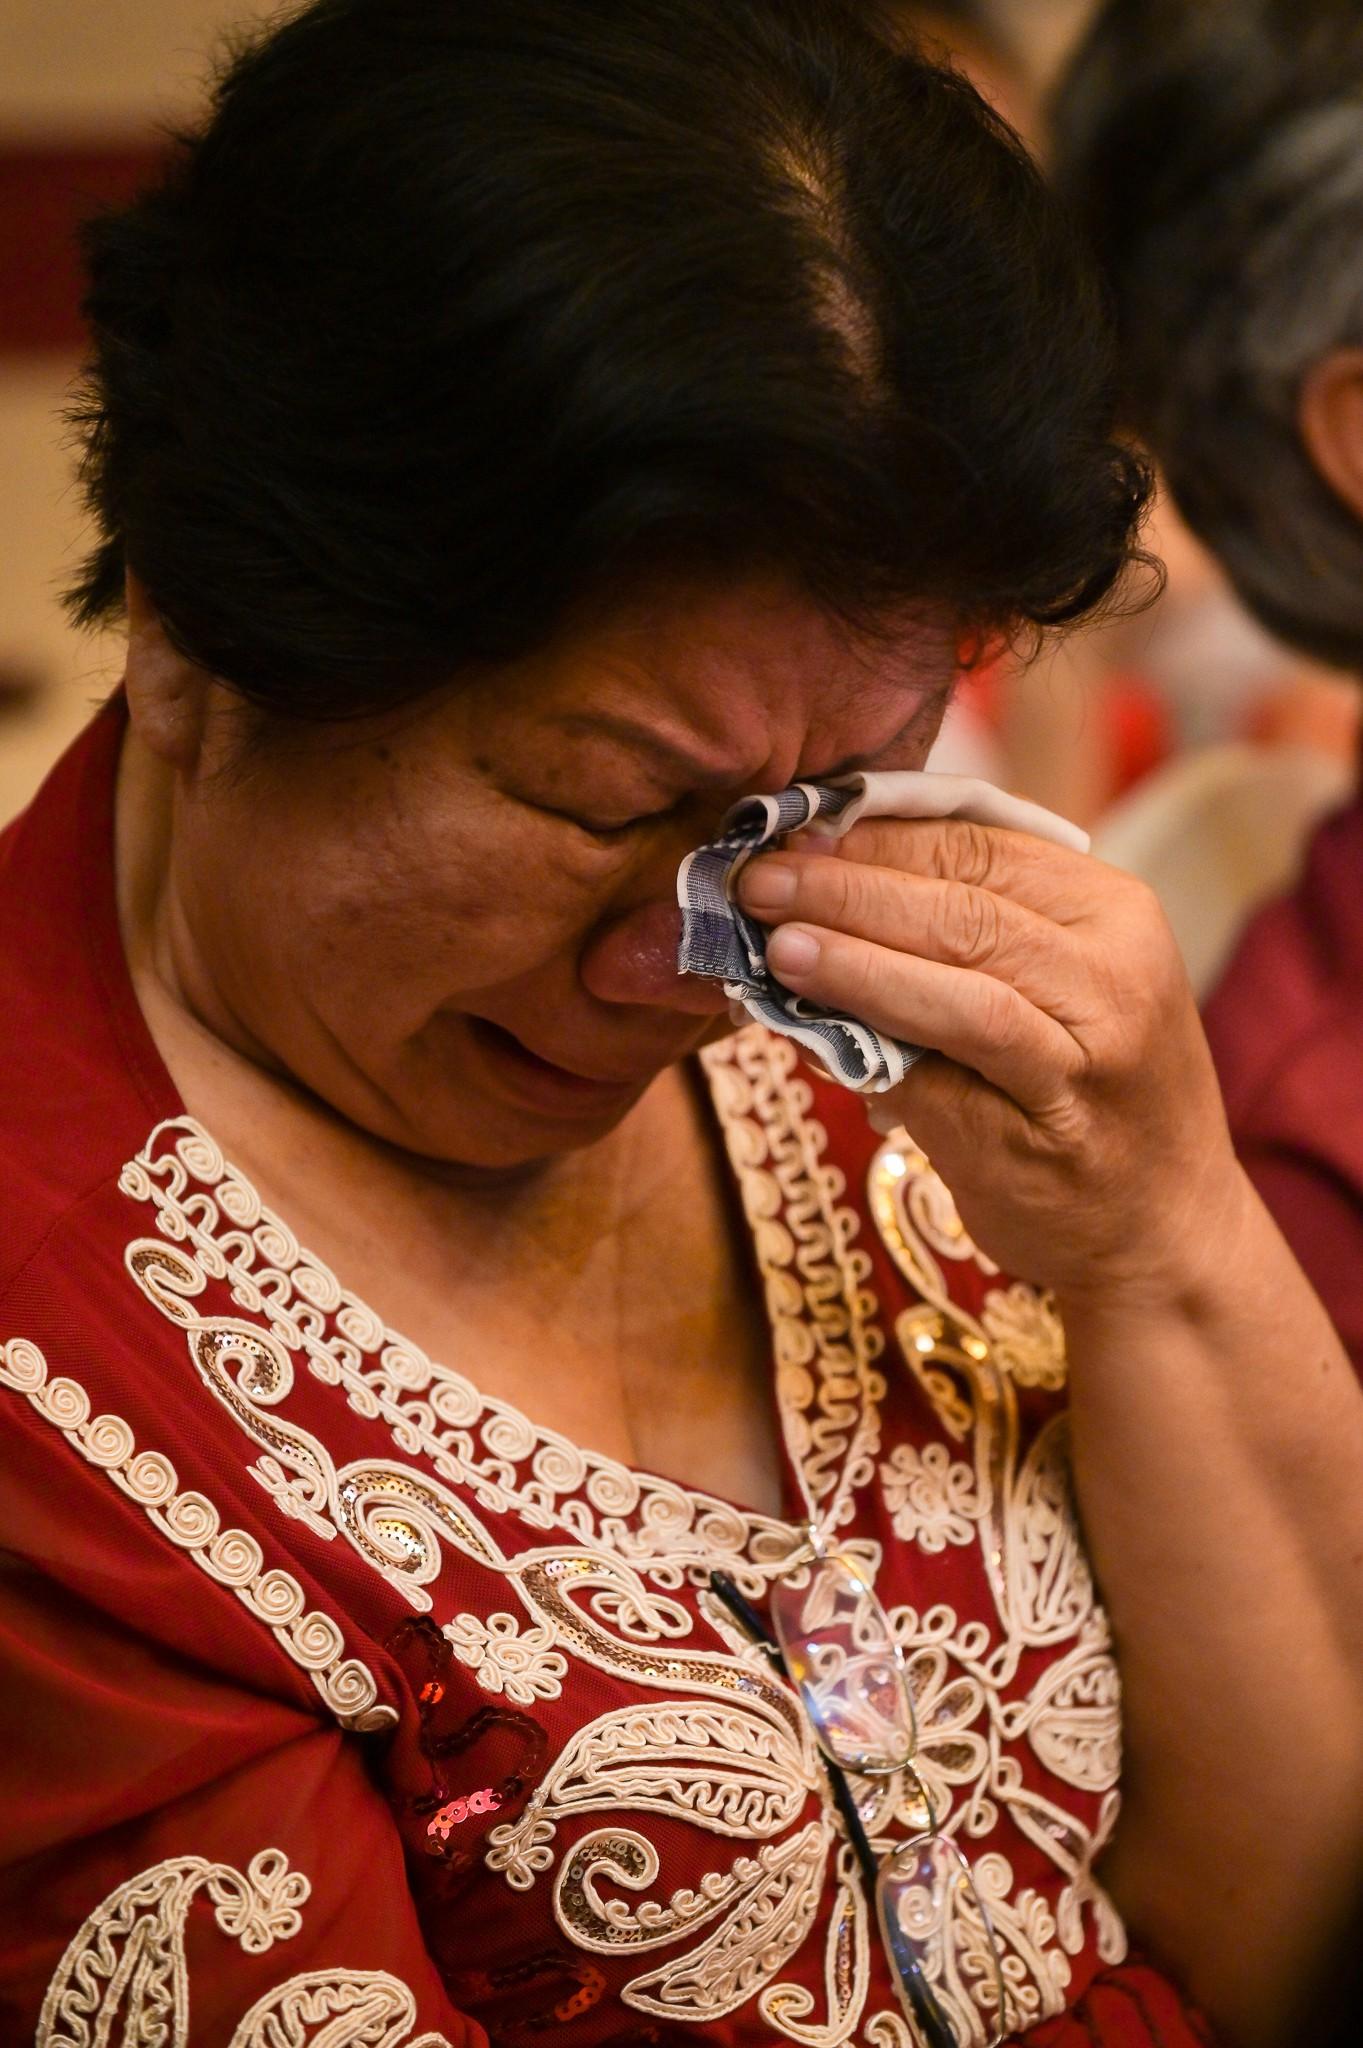 MC Quỳnh Hương khuyến khích mọi người đừng ngại ngần ôm và hôn mẹ khi còn có thể - Ảnh 9.